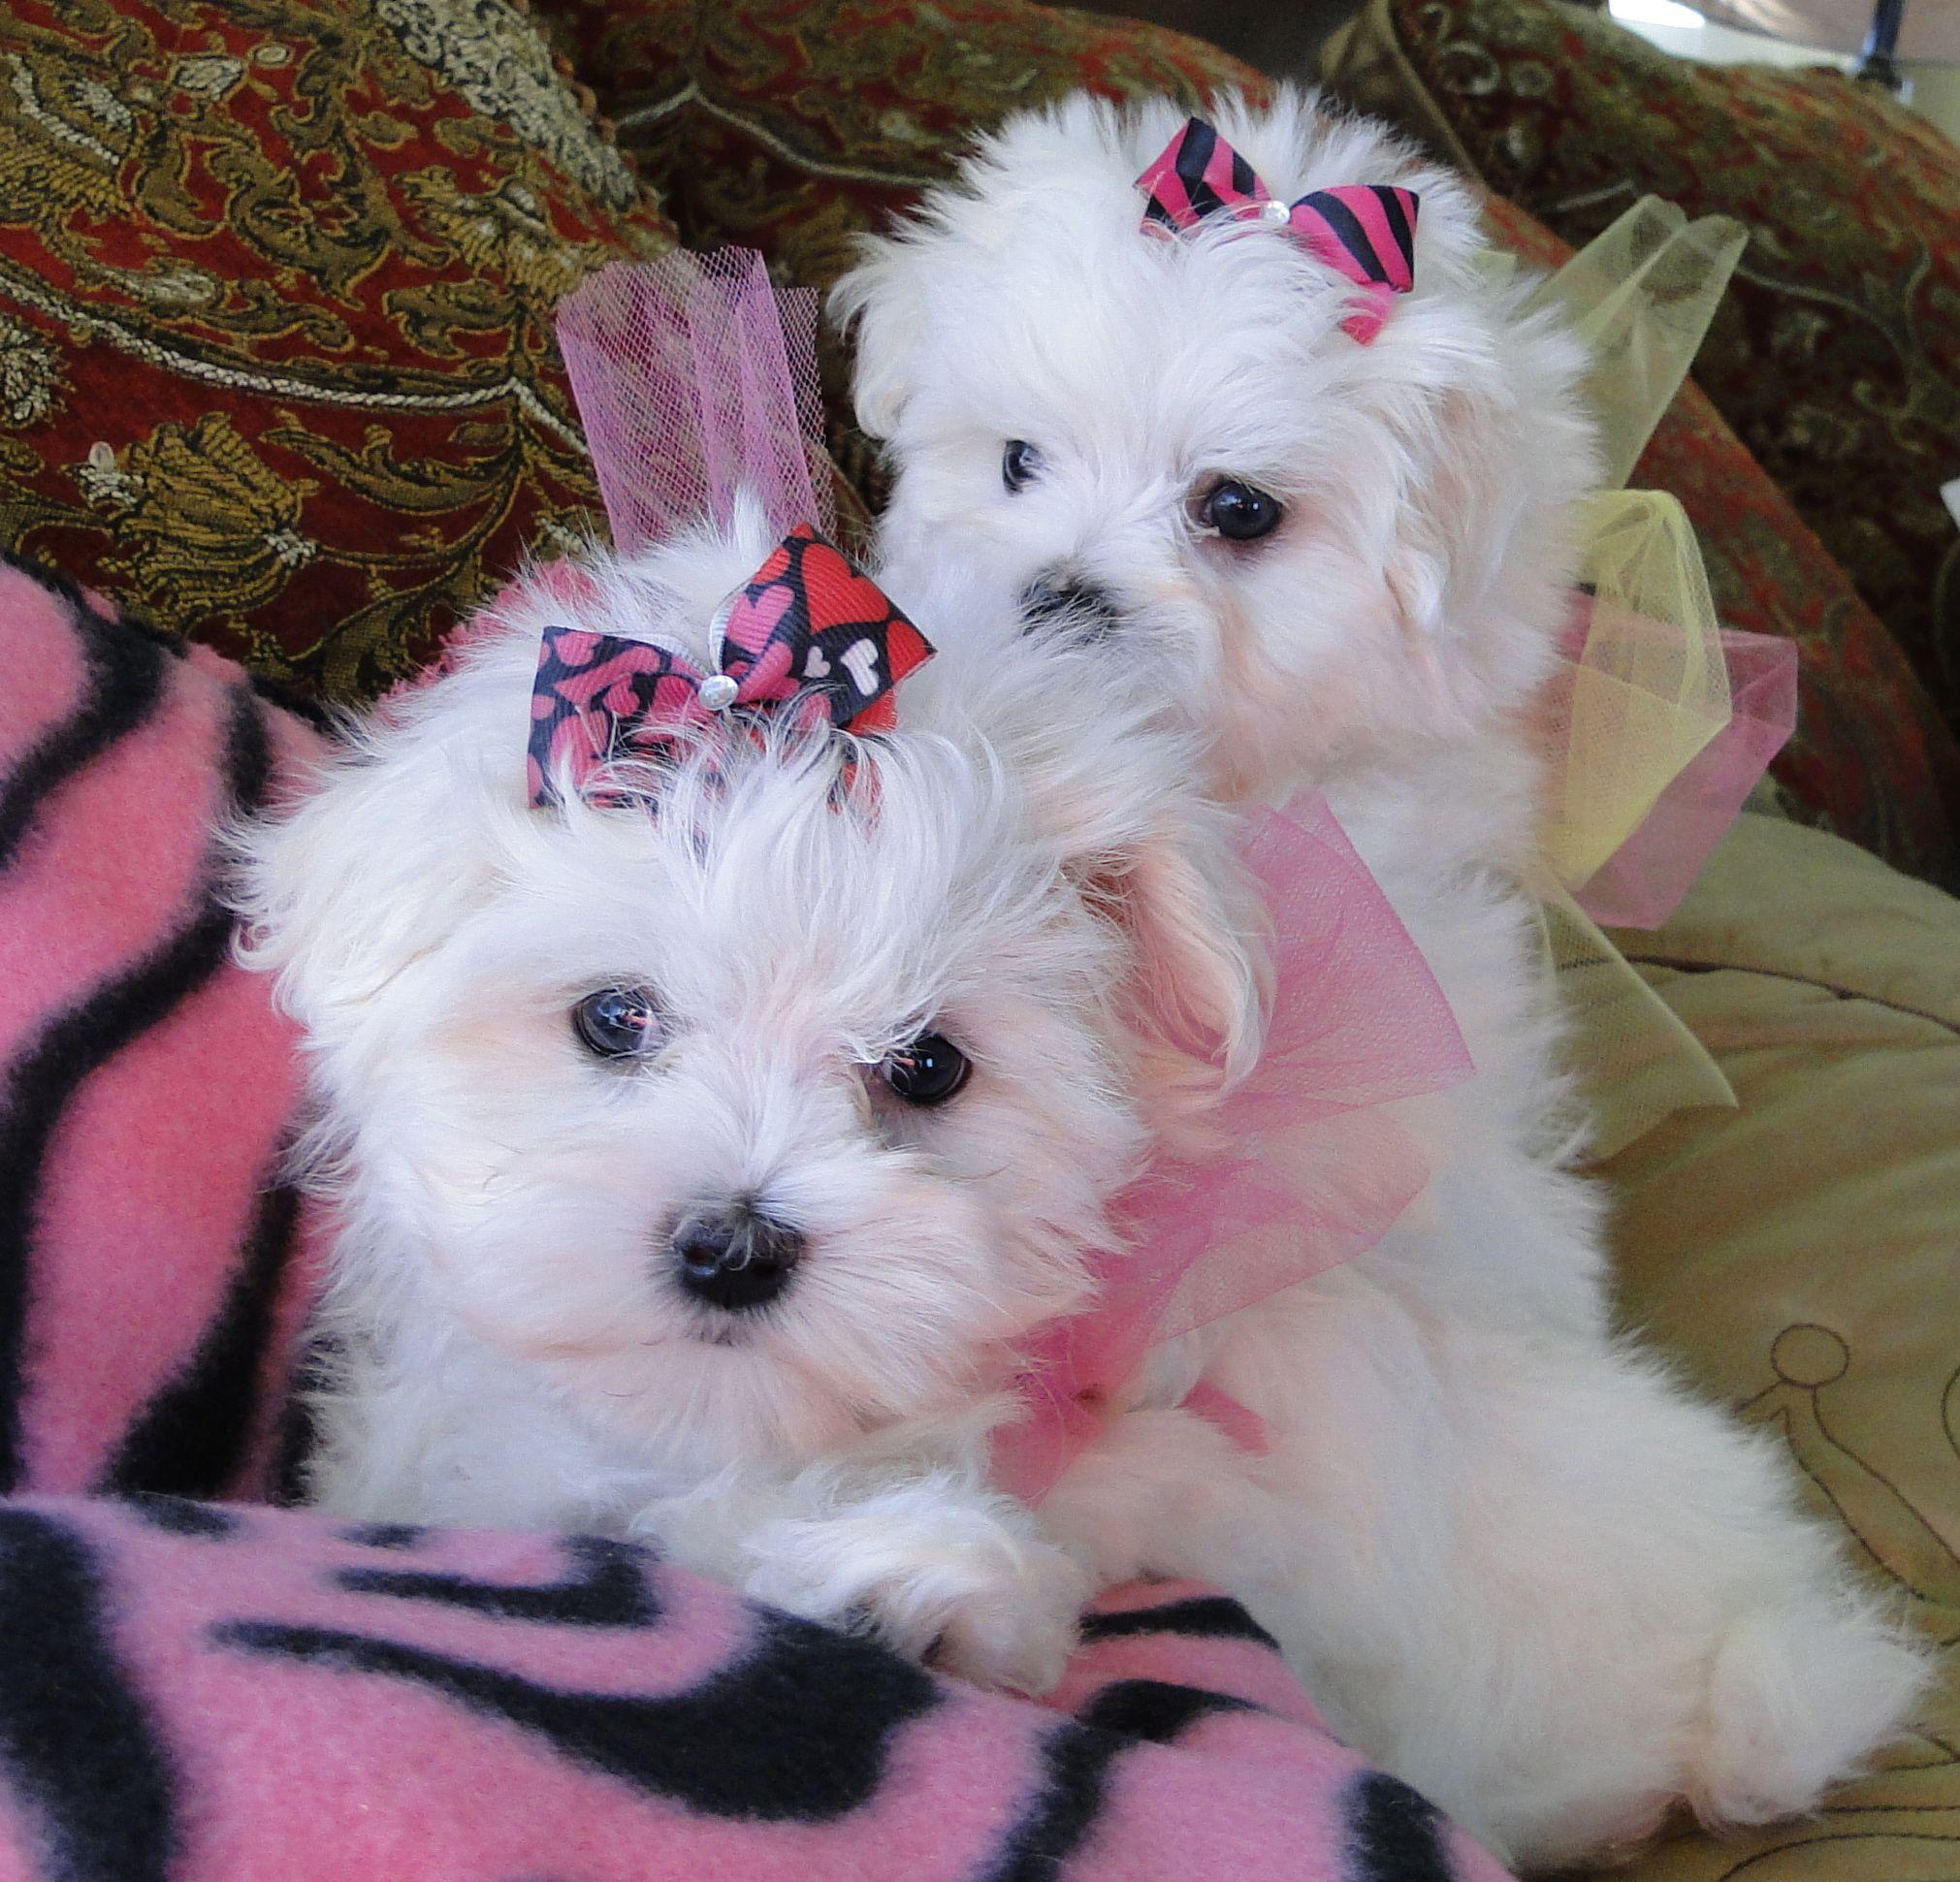 Morkie Dogs Cute Cachorros Graciosos Mascotas Bonitas Animales Y Mascotas